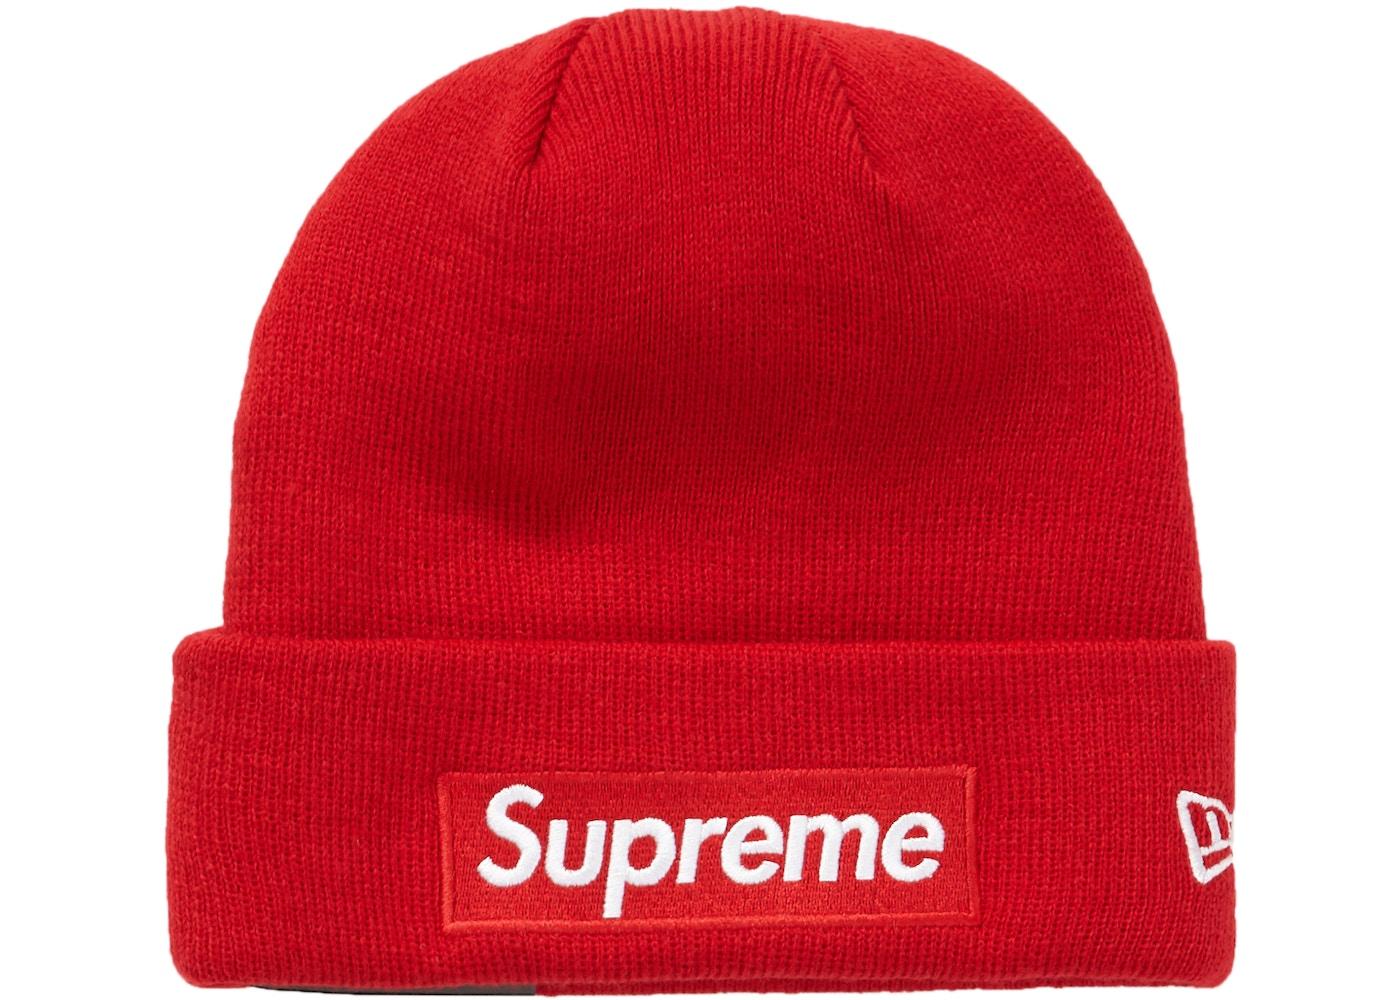 271cca31c0e Supreme Headwear - Buy   Sell Streetwear